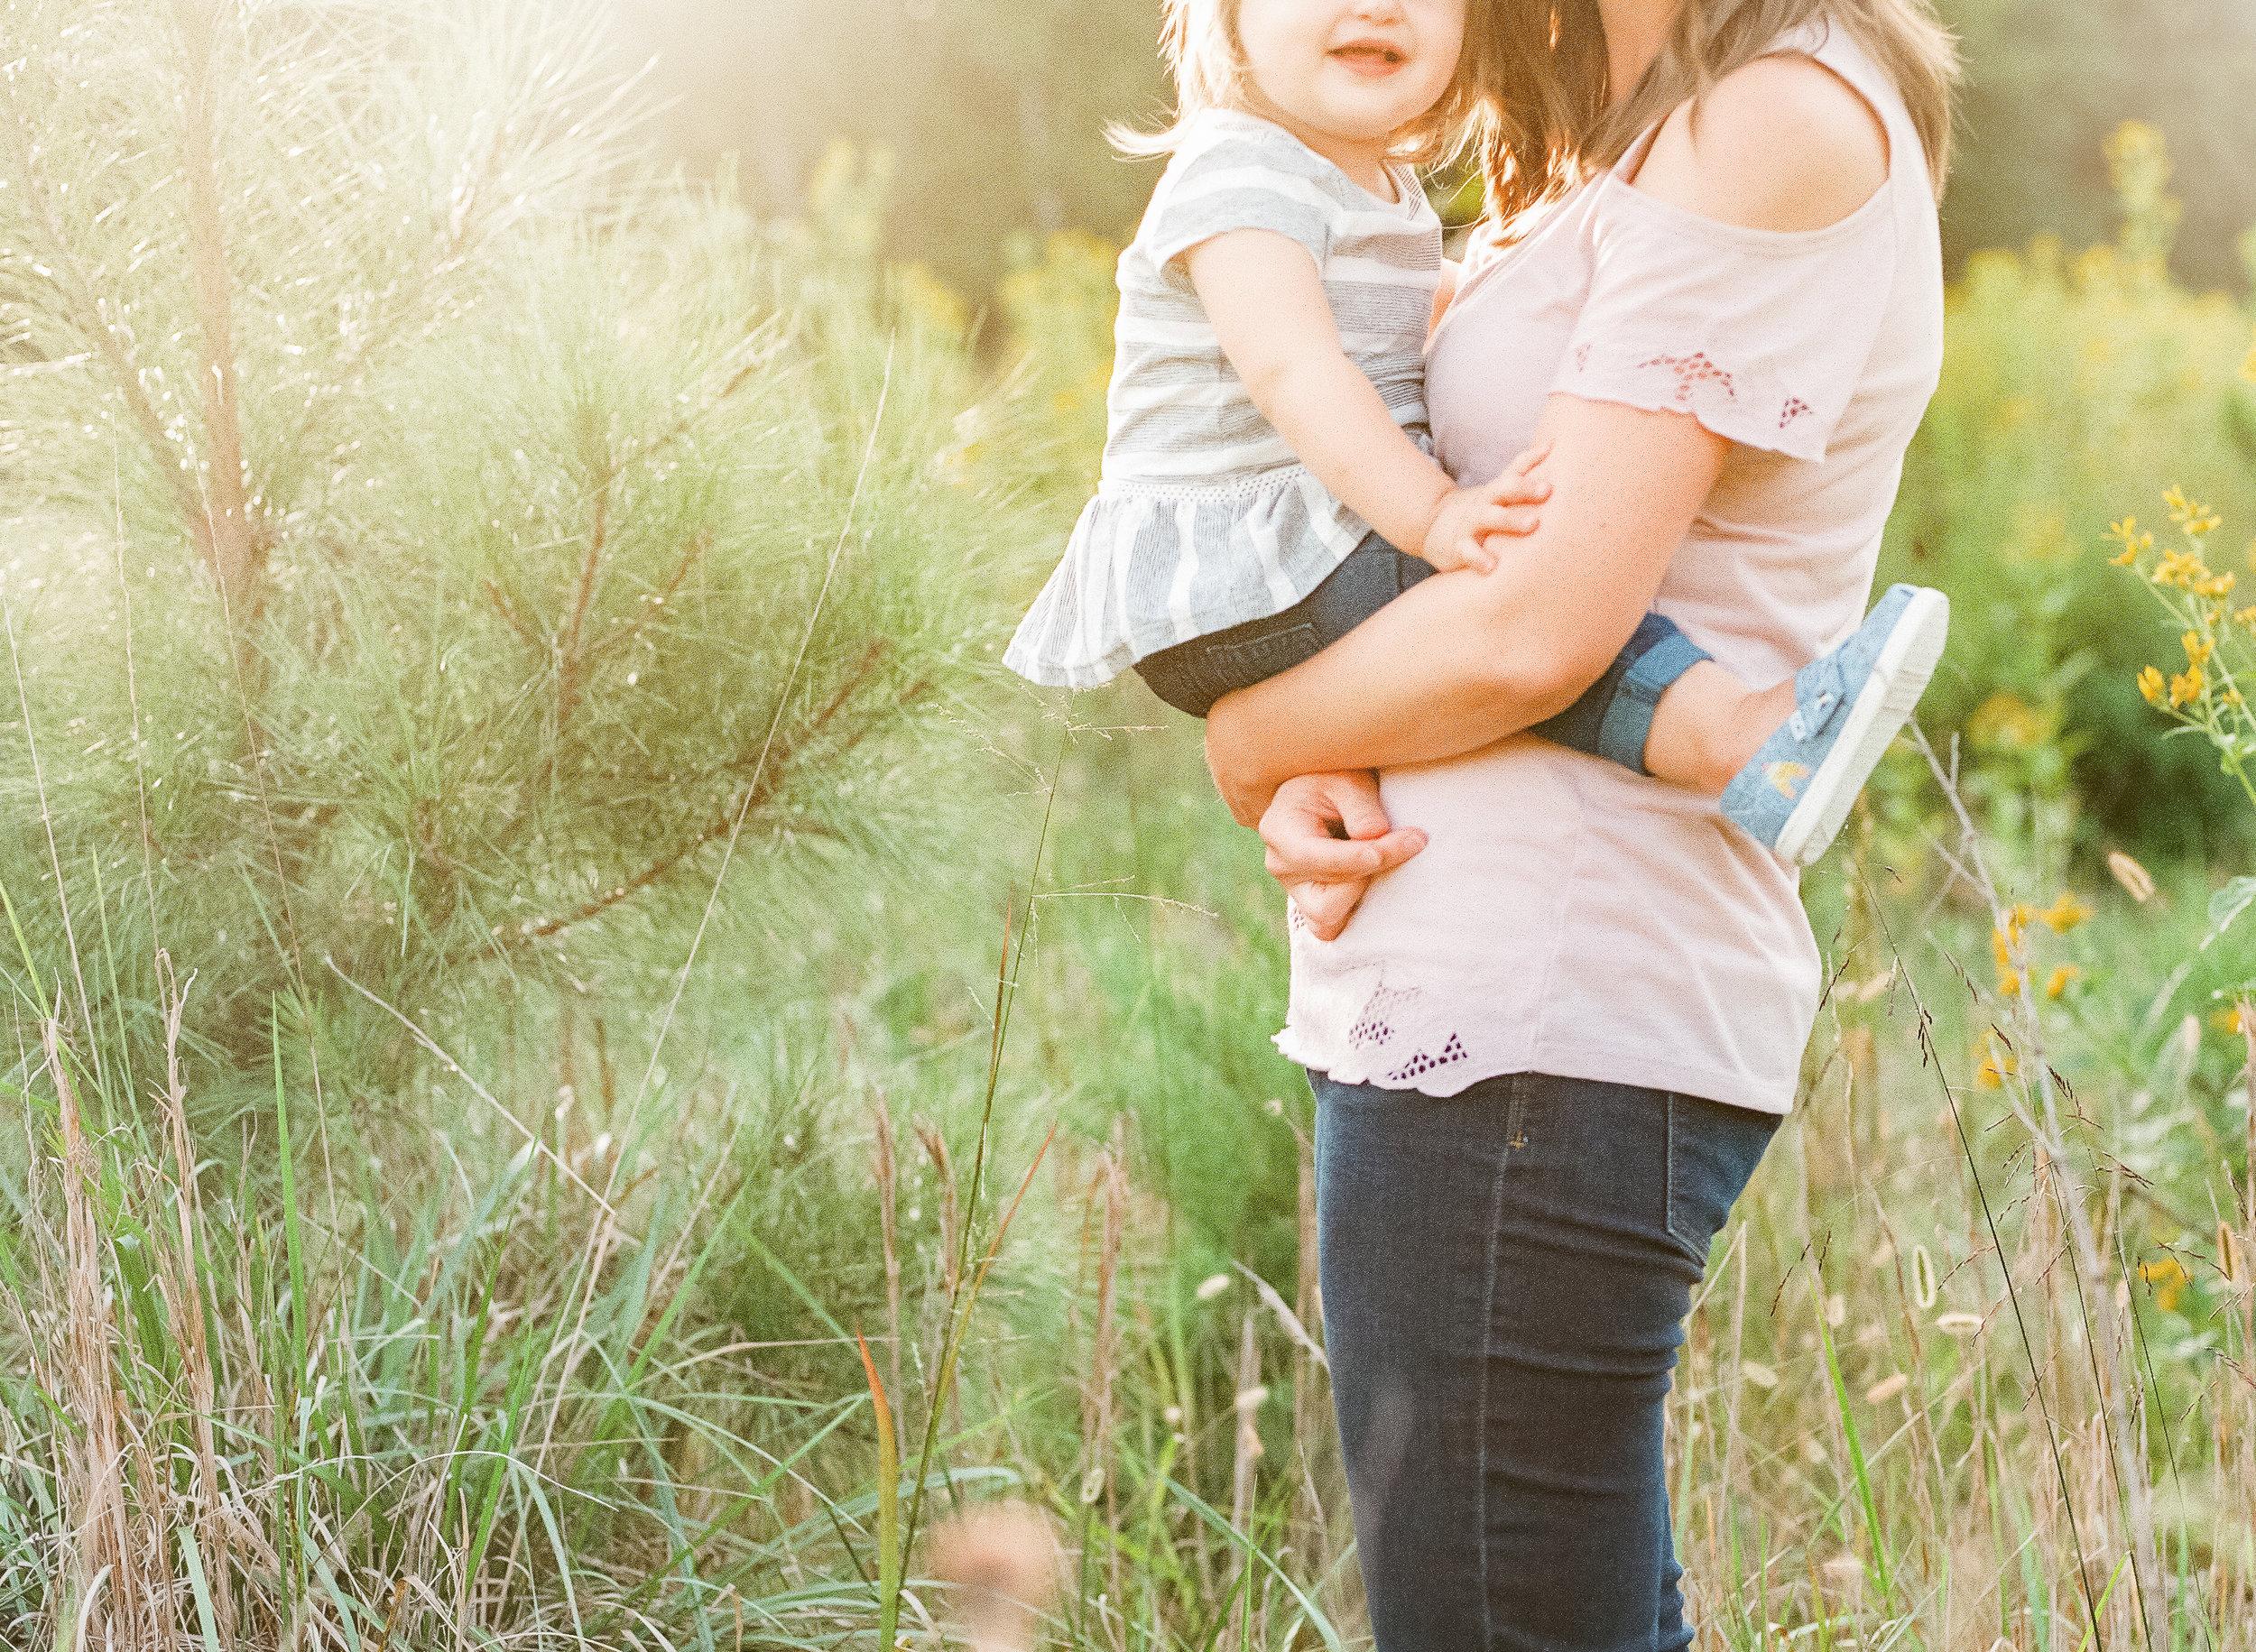 film-photographer-family-raleigh-annie-wilkerson-children